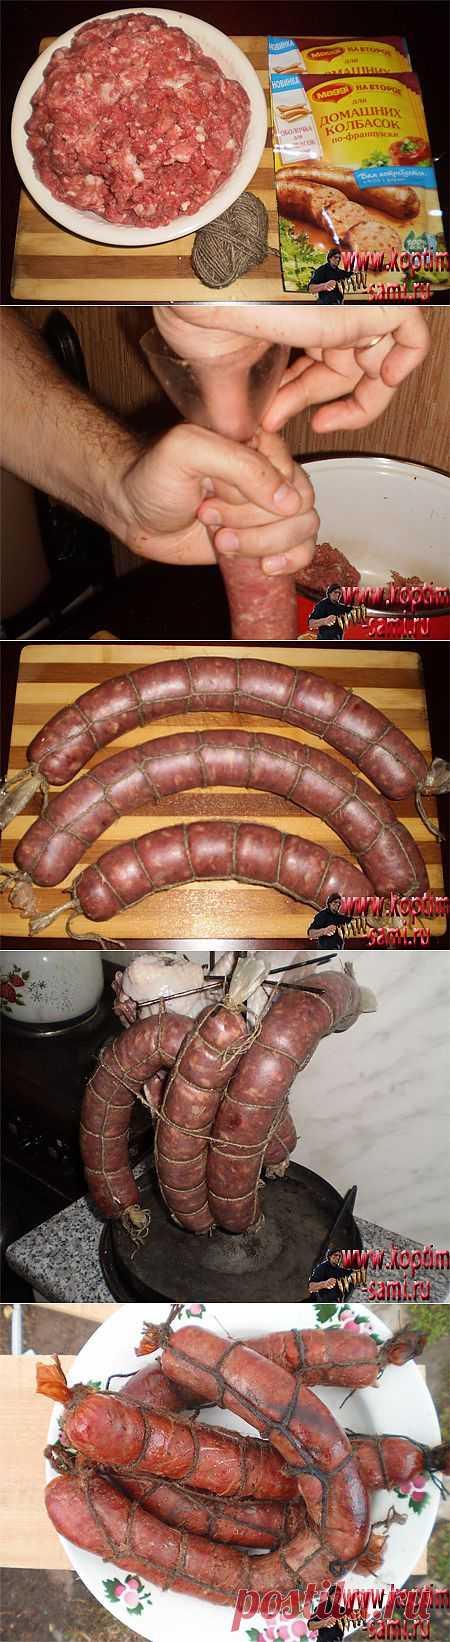 Домашнее копченая колбаса рецепт, колбаса без кишок